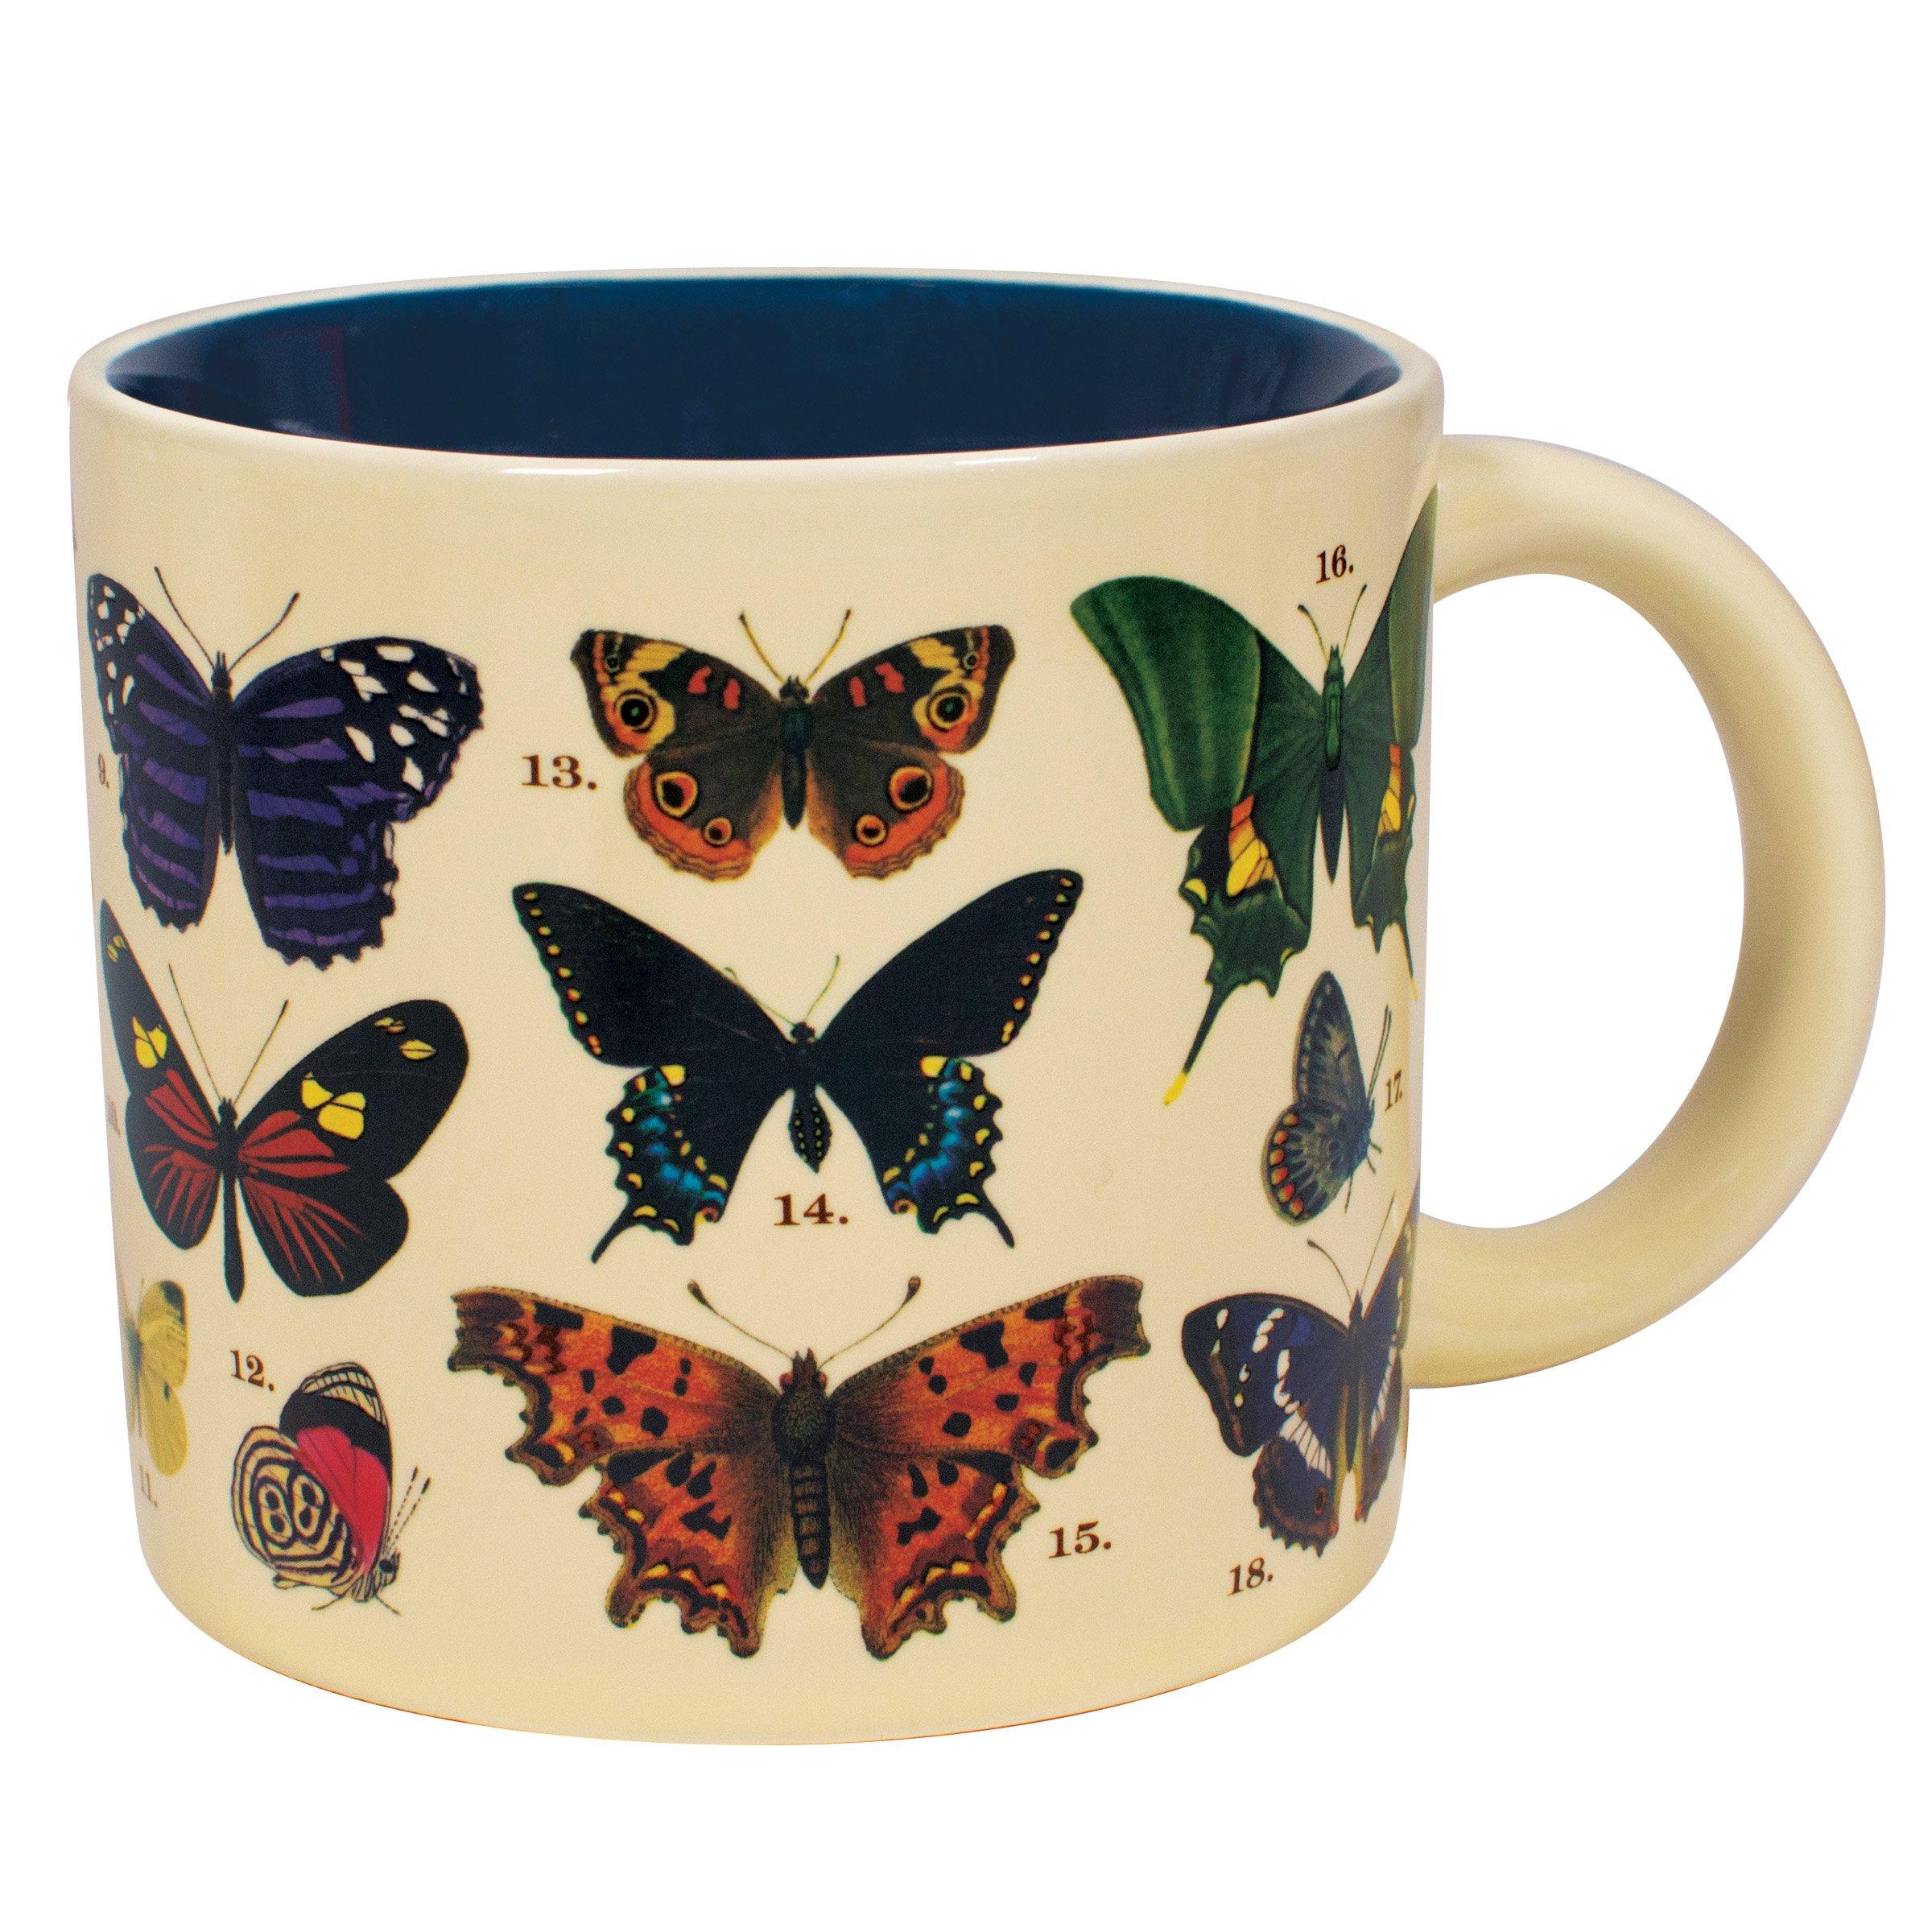 Butterflies Mug when hot